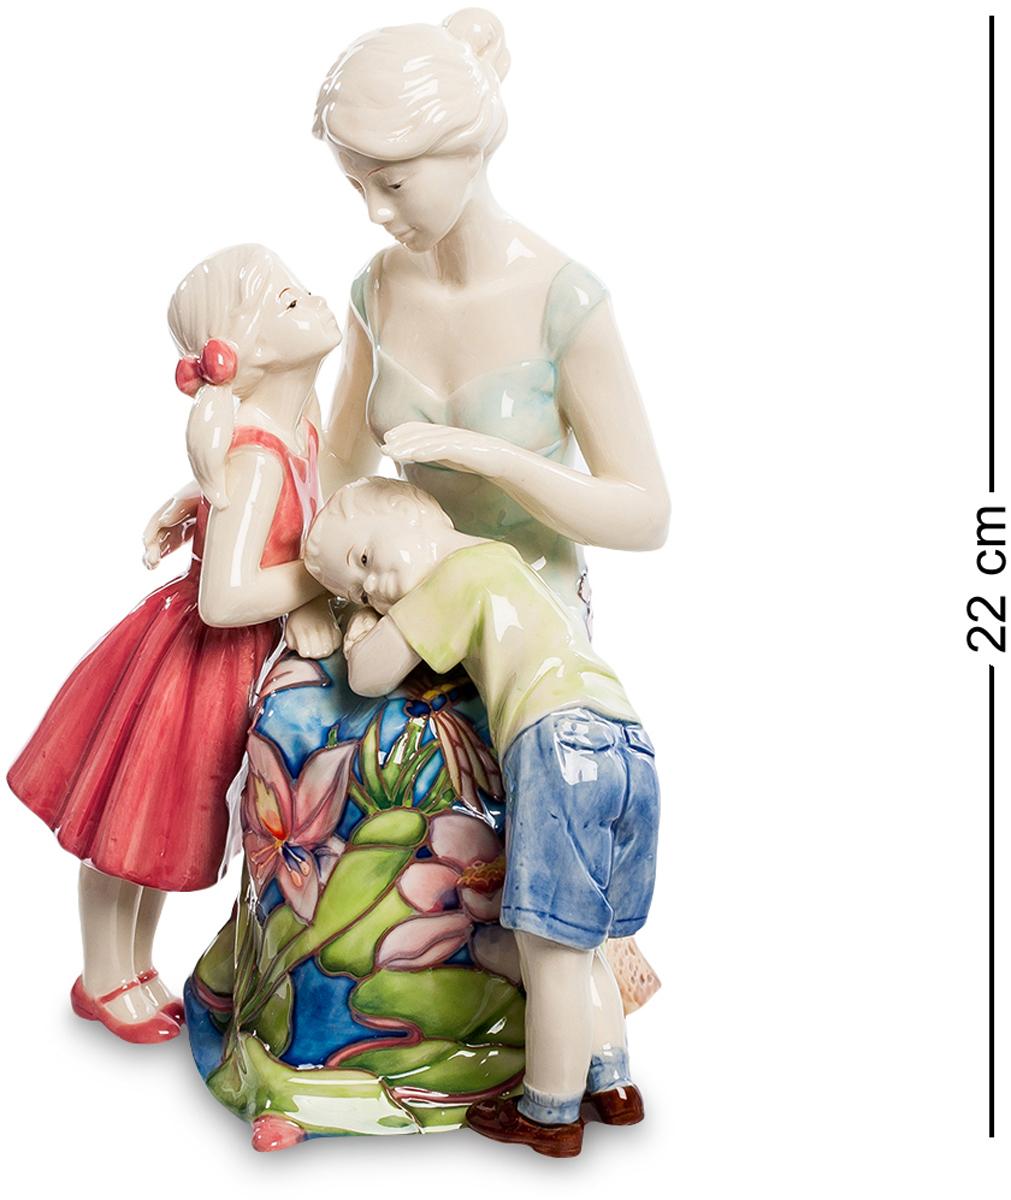 Статуэтка Pavone Мамина любовь. JP-12/26FS-80299Фигурка Девушки высотой 22 см.Забота о людях, однажды вошедшая в сердце человека, превратится в настоящее сокровище, когда эти люди вырастут.Нежная и чувственная статуэтка станет великолепным подарком для каждого члена семьи. Вся композиция пропитана любовью и жертвенностью, которые испытывает каждая любящая мать к своим детям. Фарфоровая статуэтка символизирует нежную любовь, заботу и радость, которую только мама может дать своим любимым малышам. Прекрасный сувенир позволит украсить интерьер любой квартиры или дома.